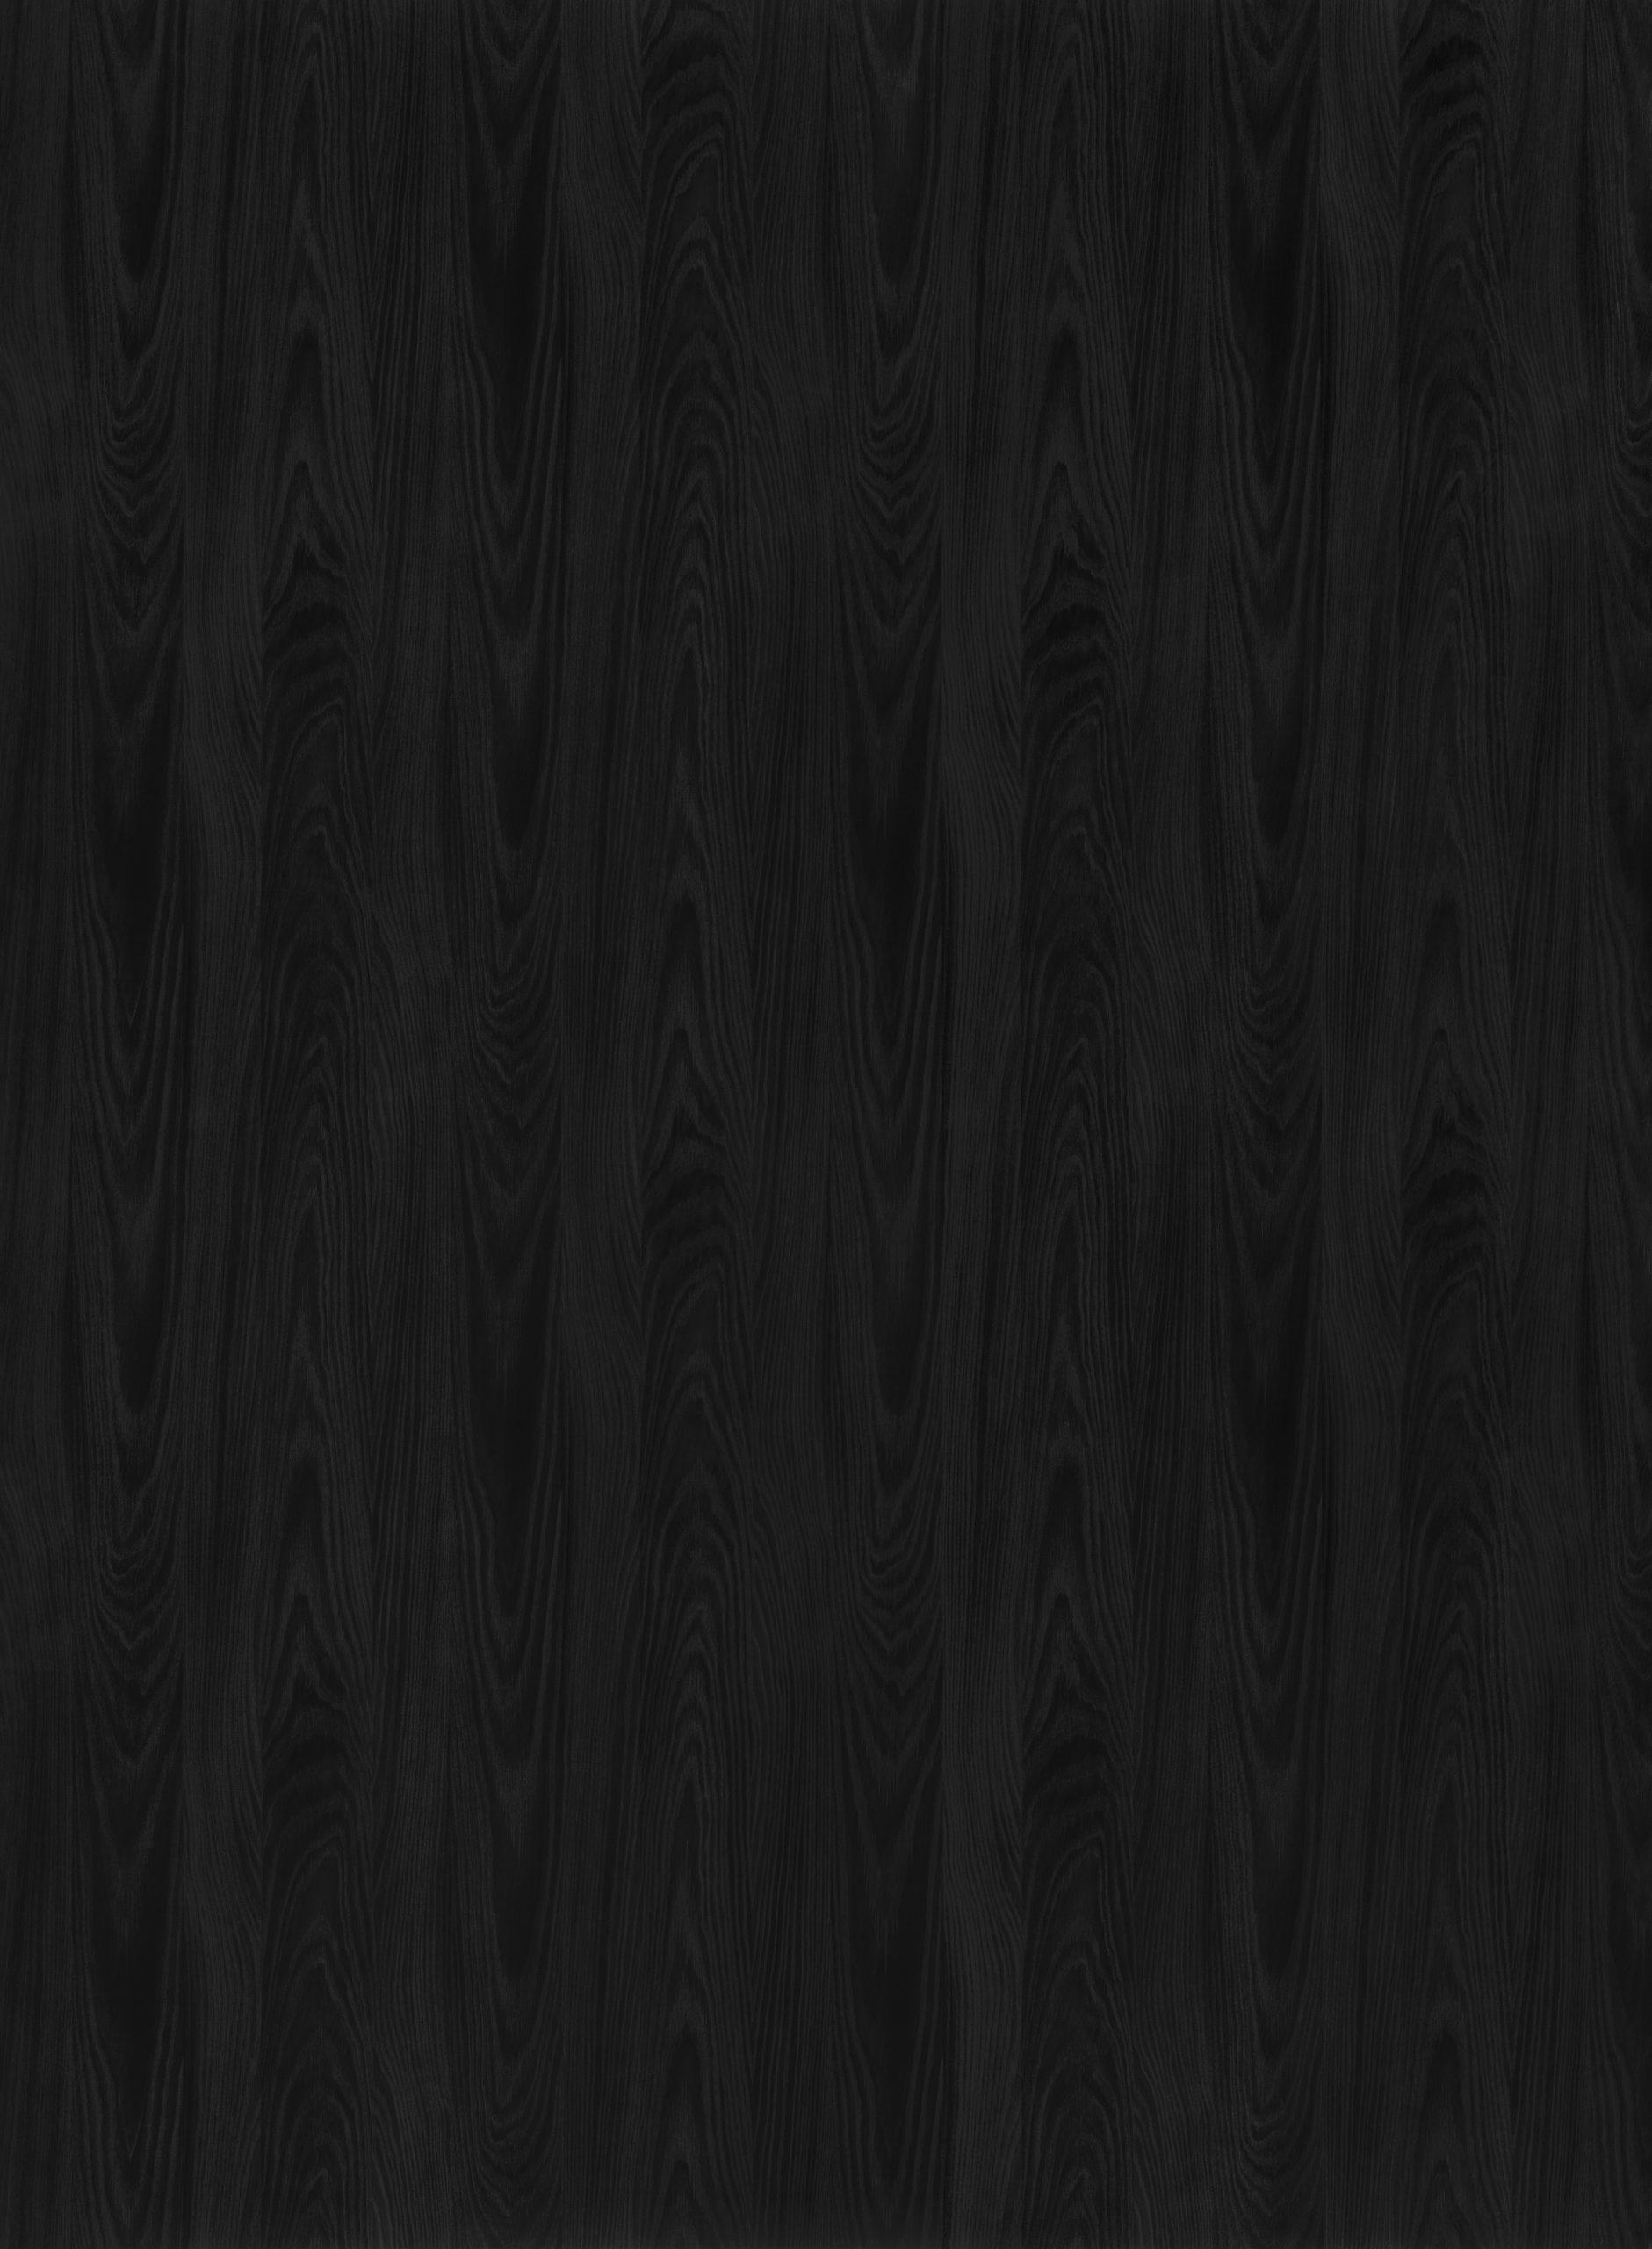 DecoLegno U129 Yosemite hele plaatafb. / Tekenprogramma 2800x2070mm